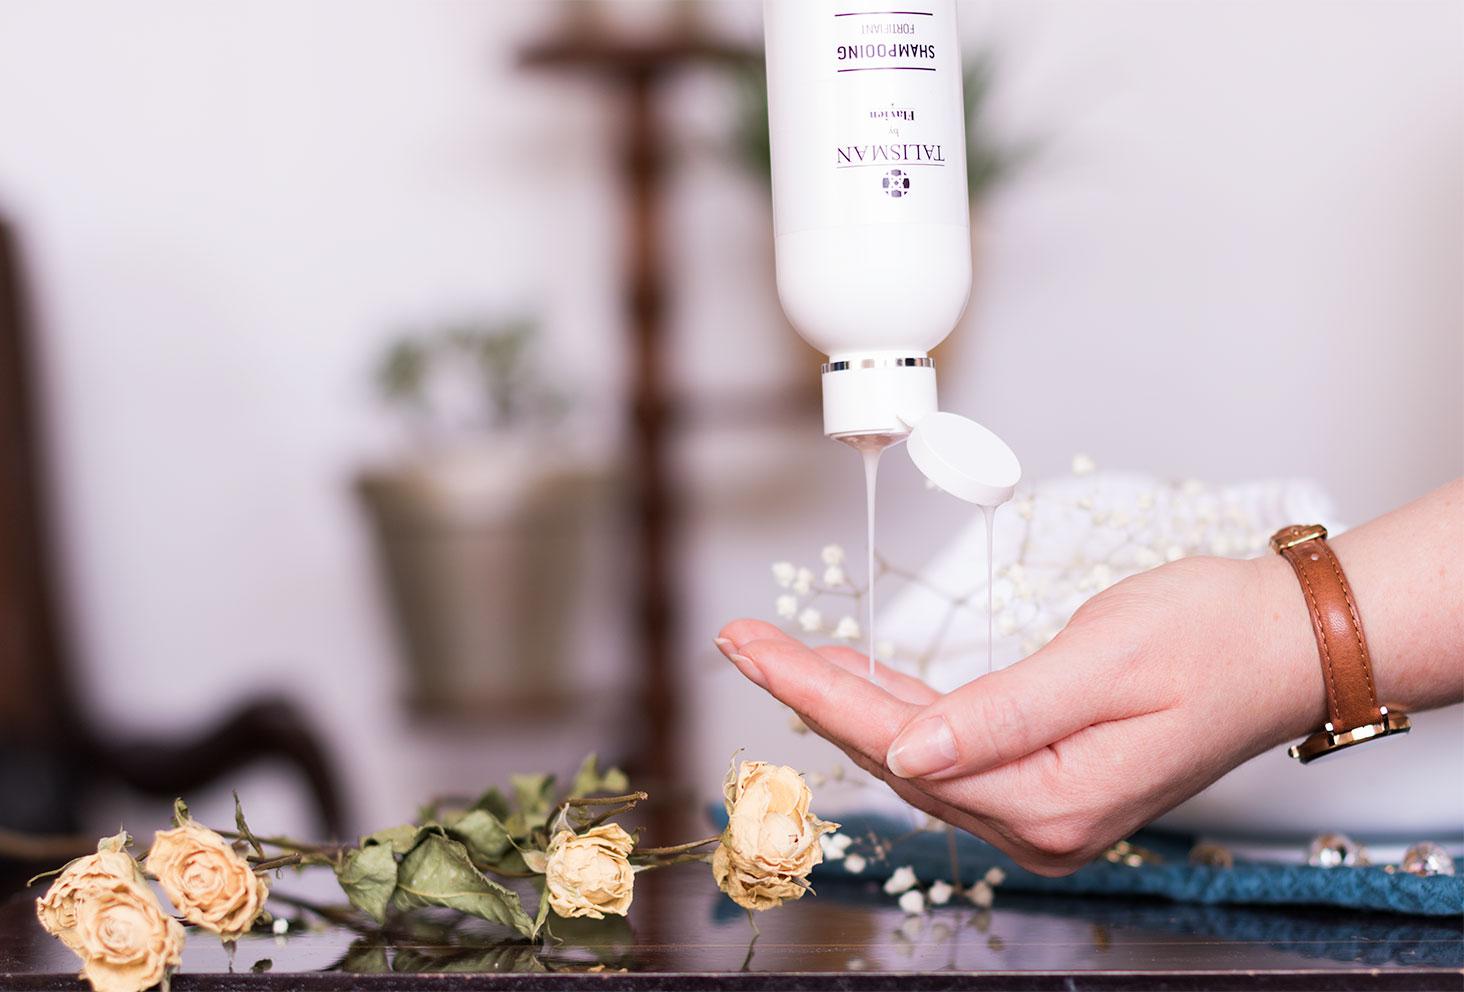 Shampooing fortifiant Talisman la tête en bas avec le produit qui coule dans la main au milieu des fleurs séchées